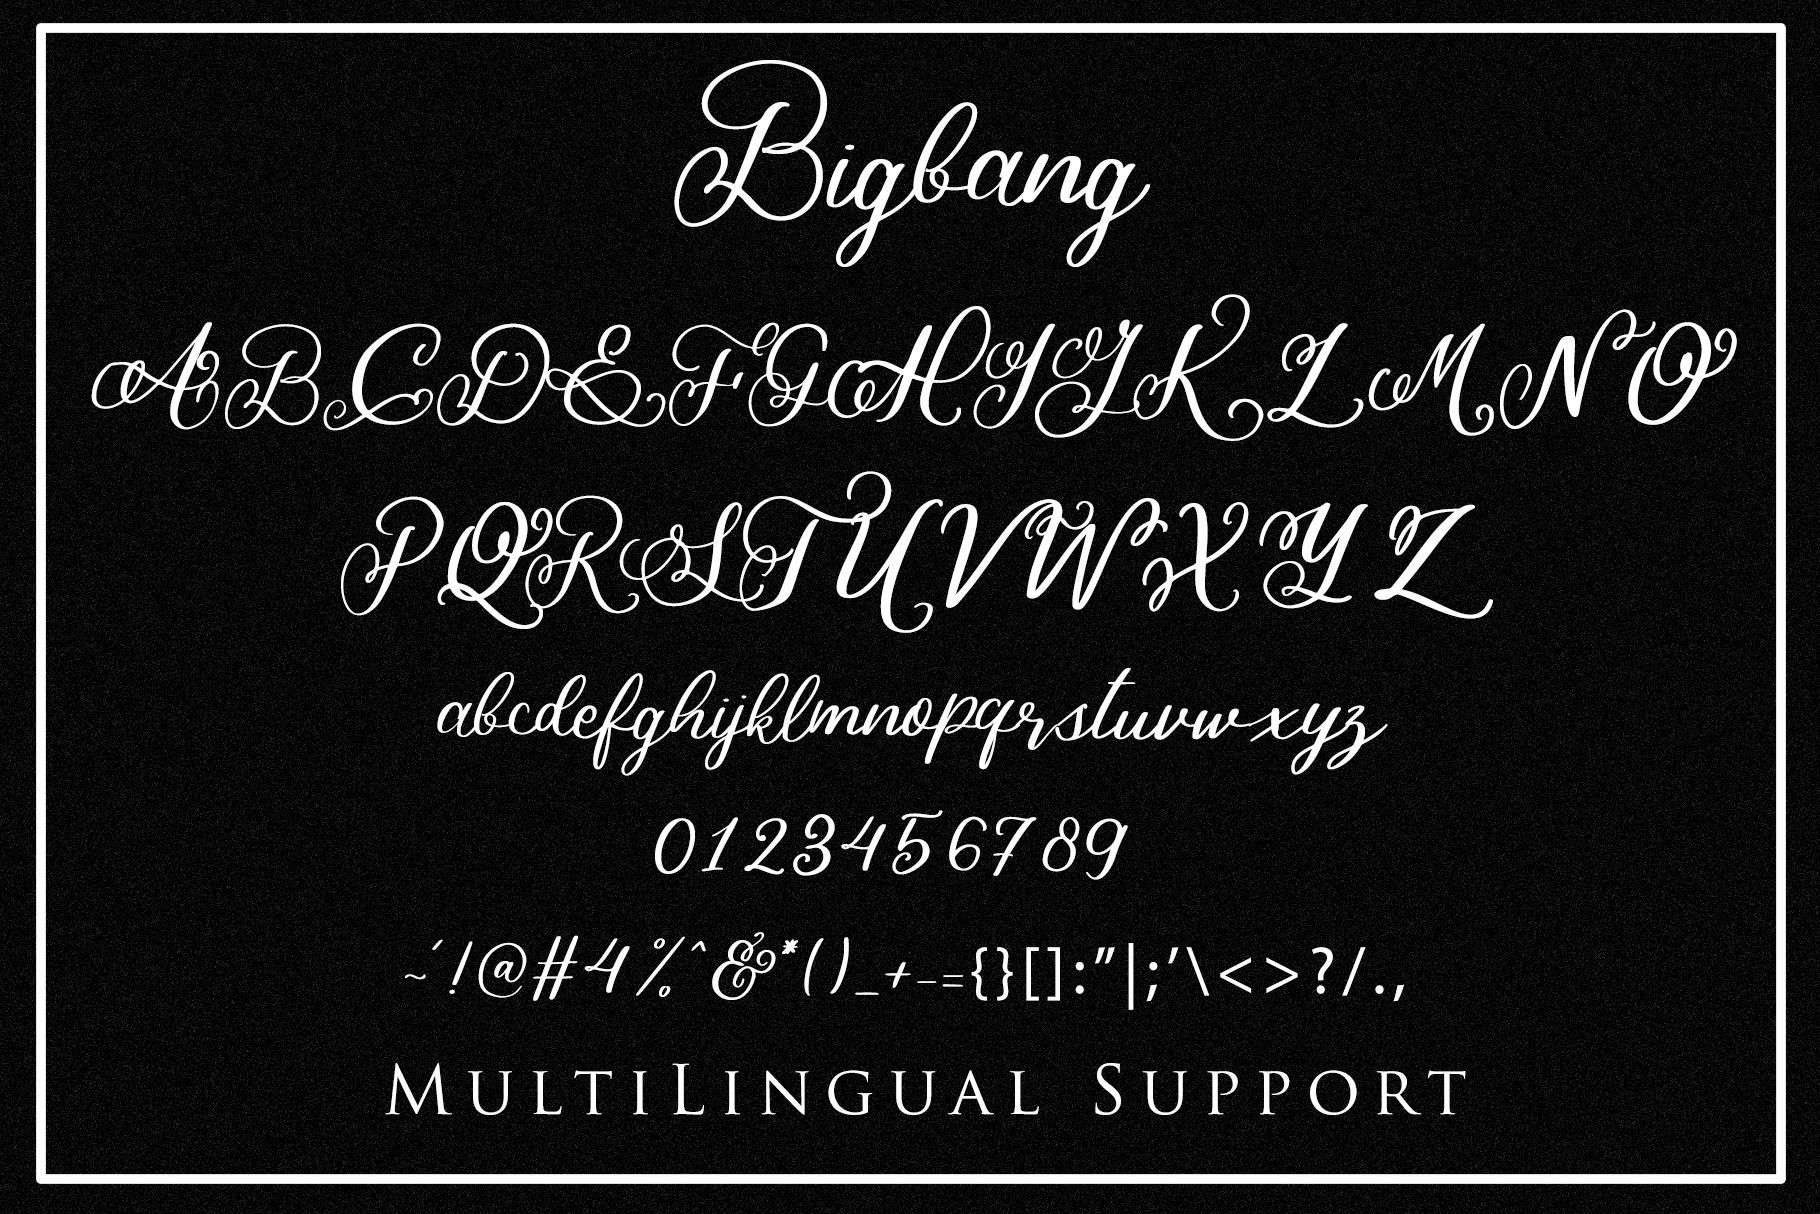 Bigbang - Handwritten Font example image 7